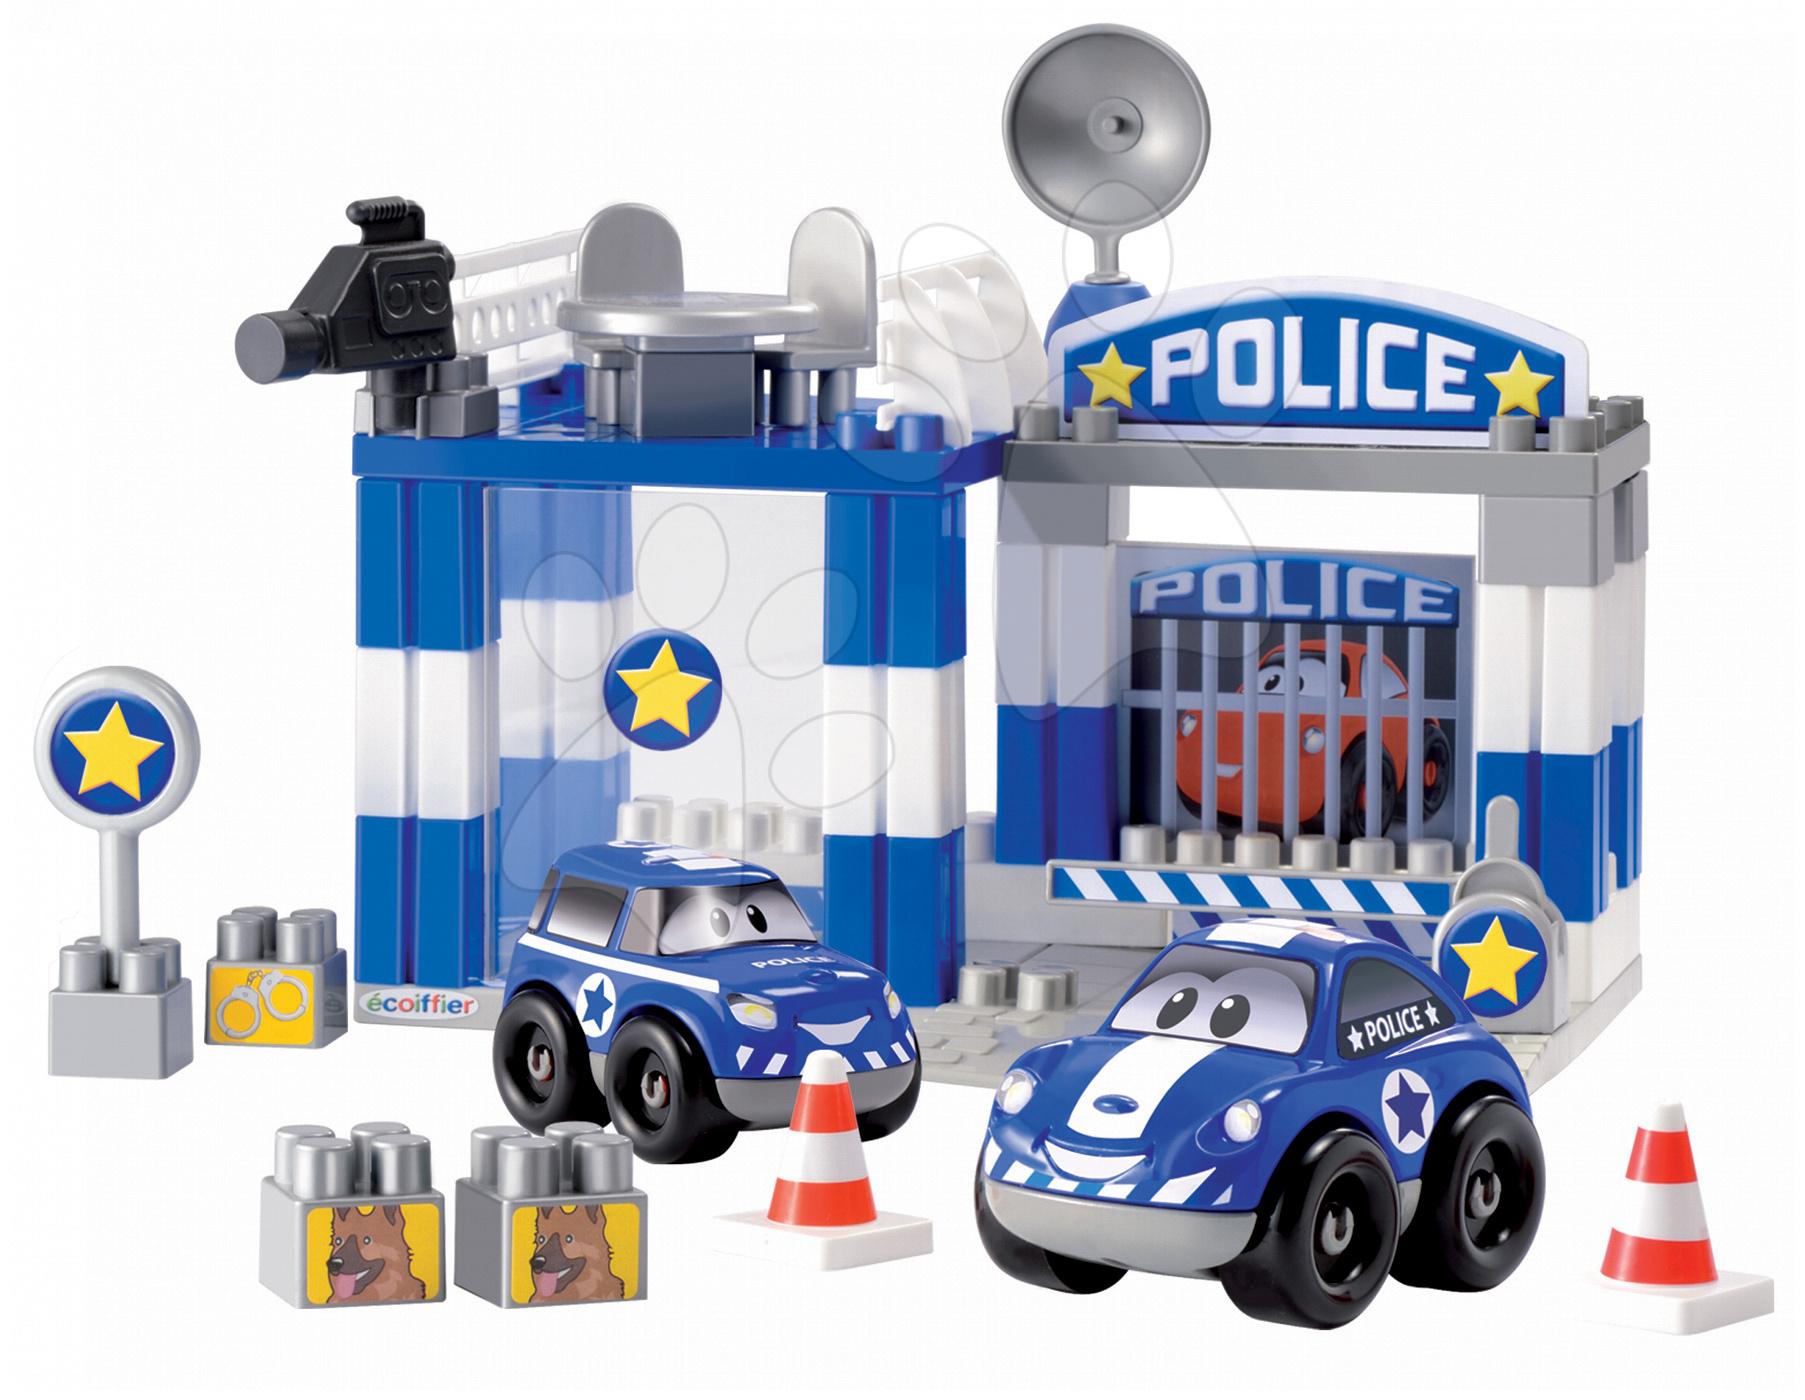 Stavebnice Abrick - policejní stanice s 2 auty Écoiffier 57 dílů od 18 měsíců